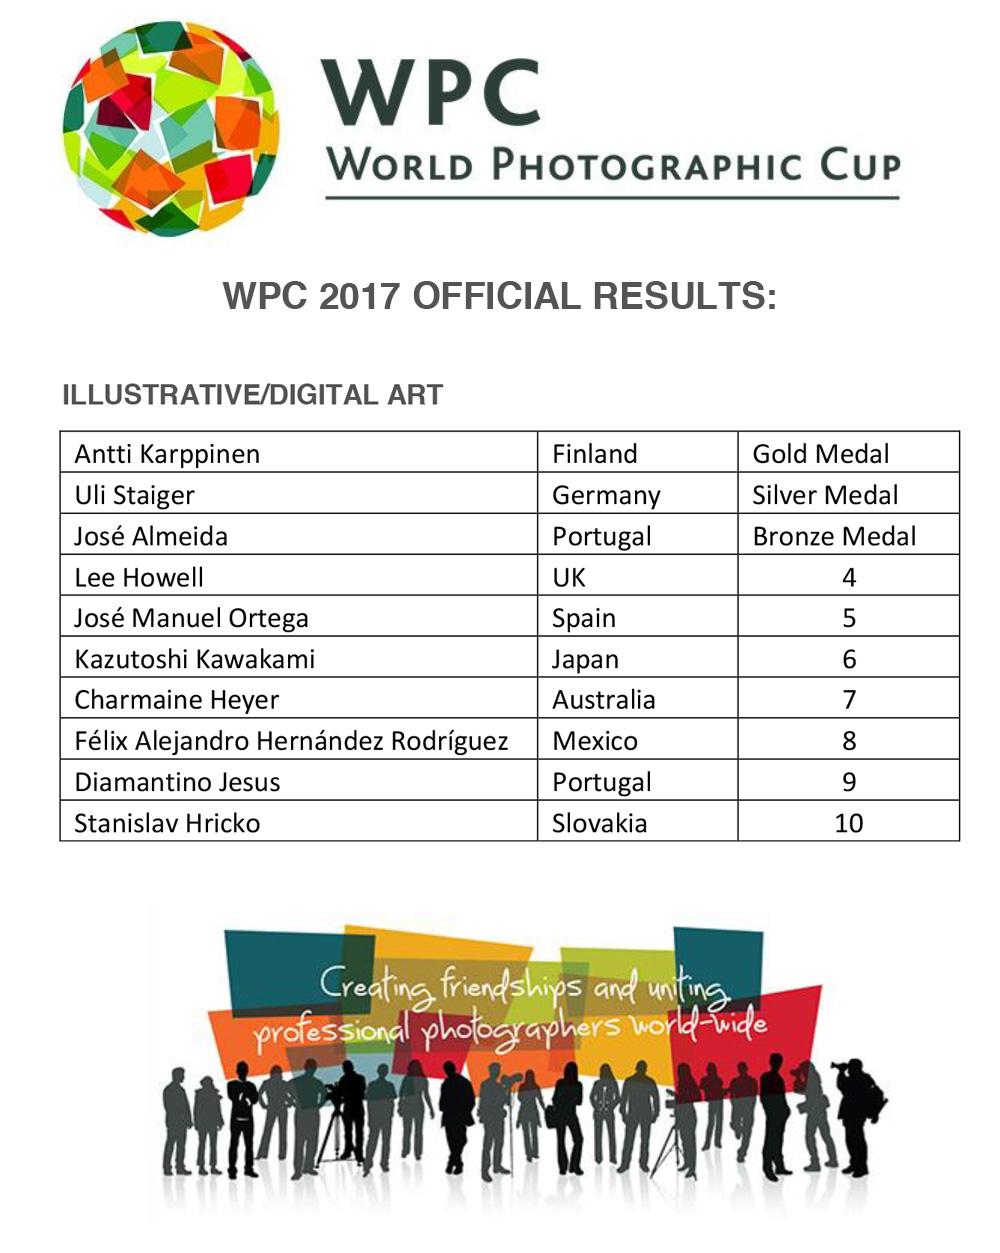 wpc results » Fotografía de Autor, Noticias » José Manuel Ortega Fotógrafo